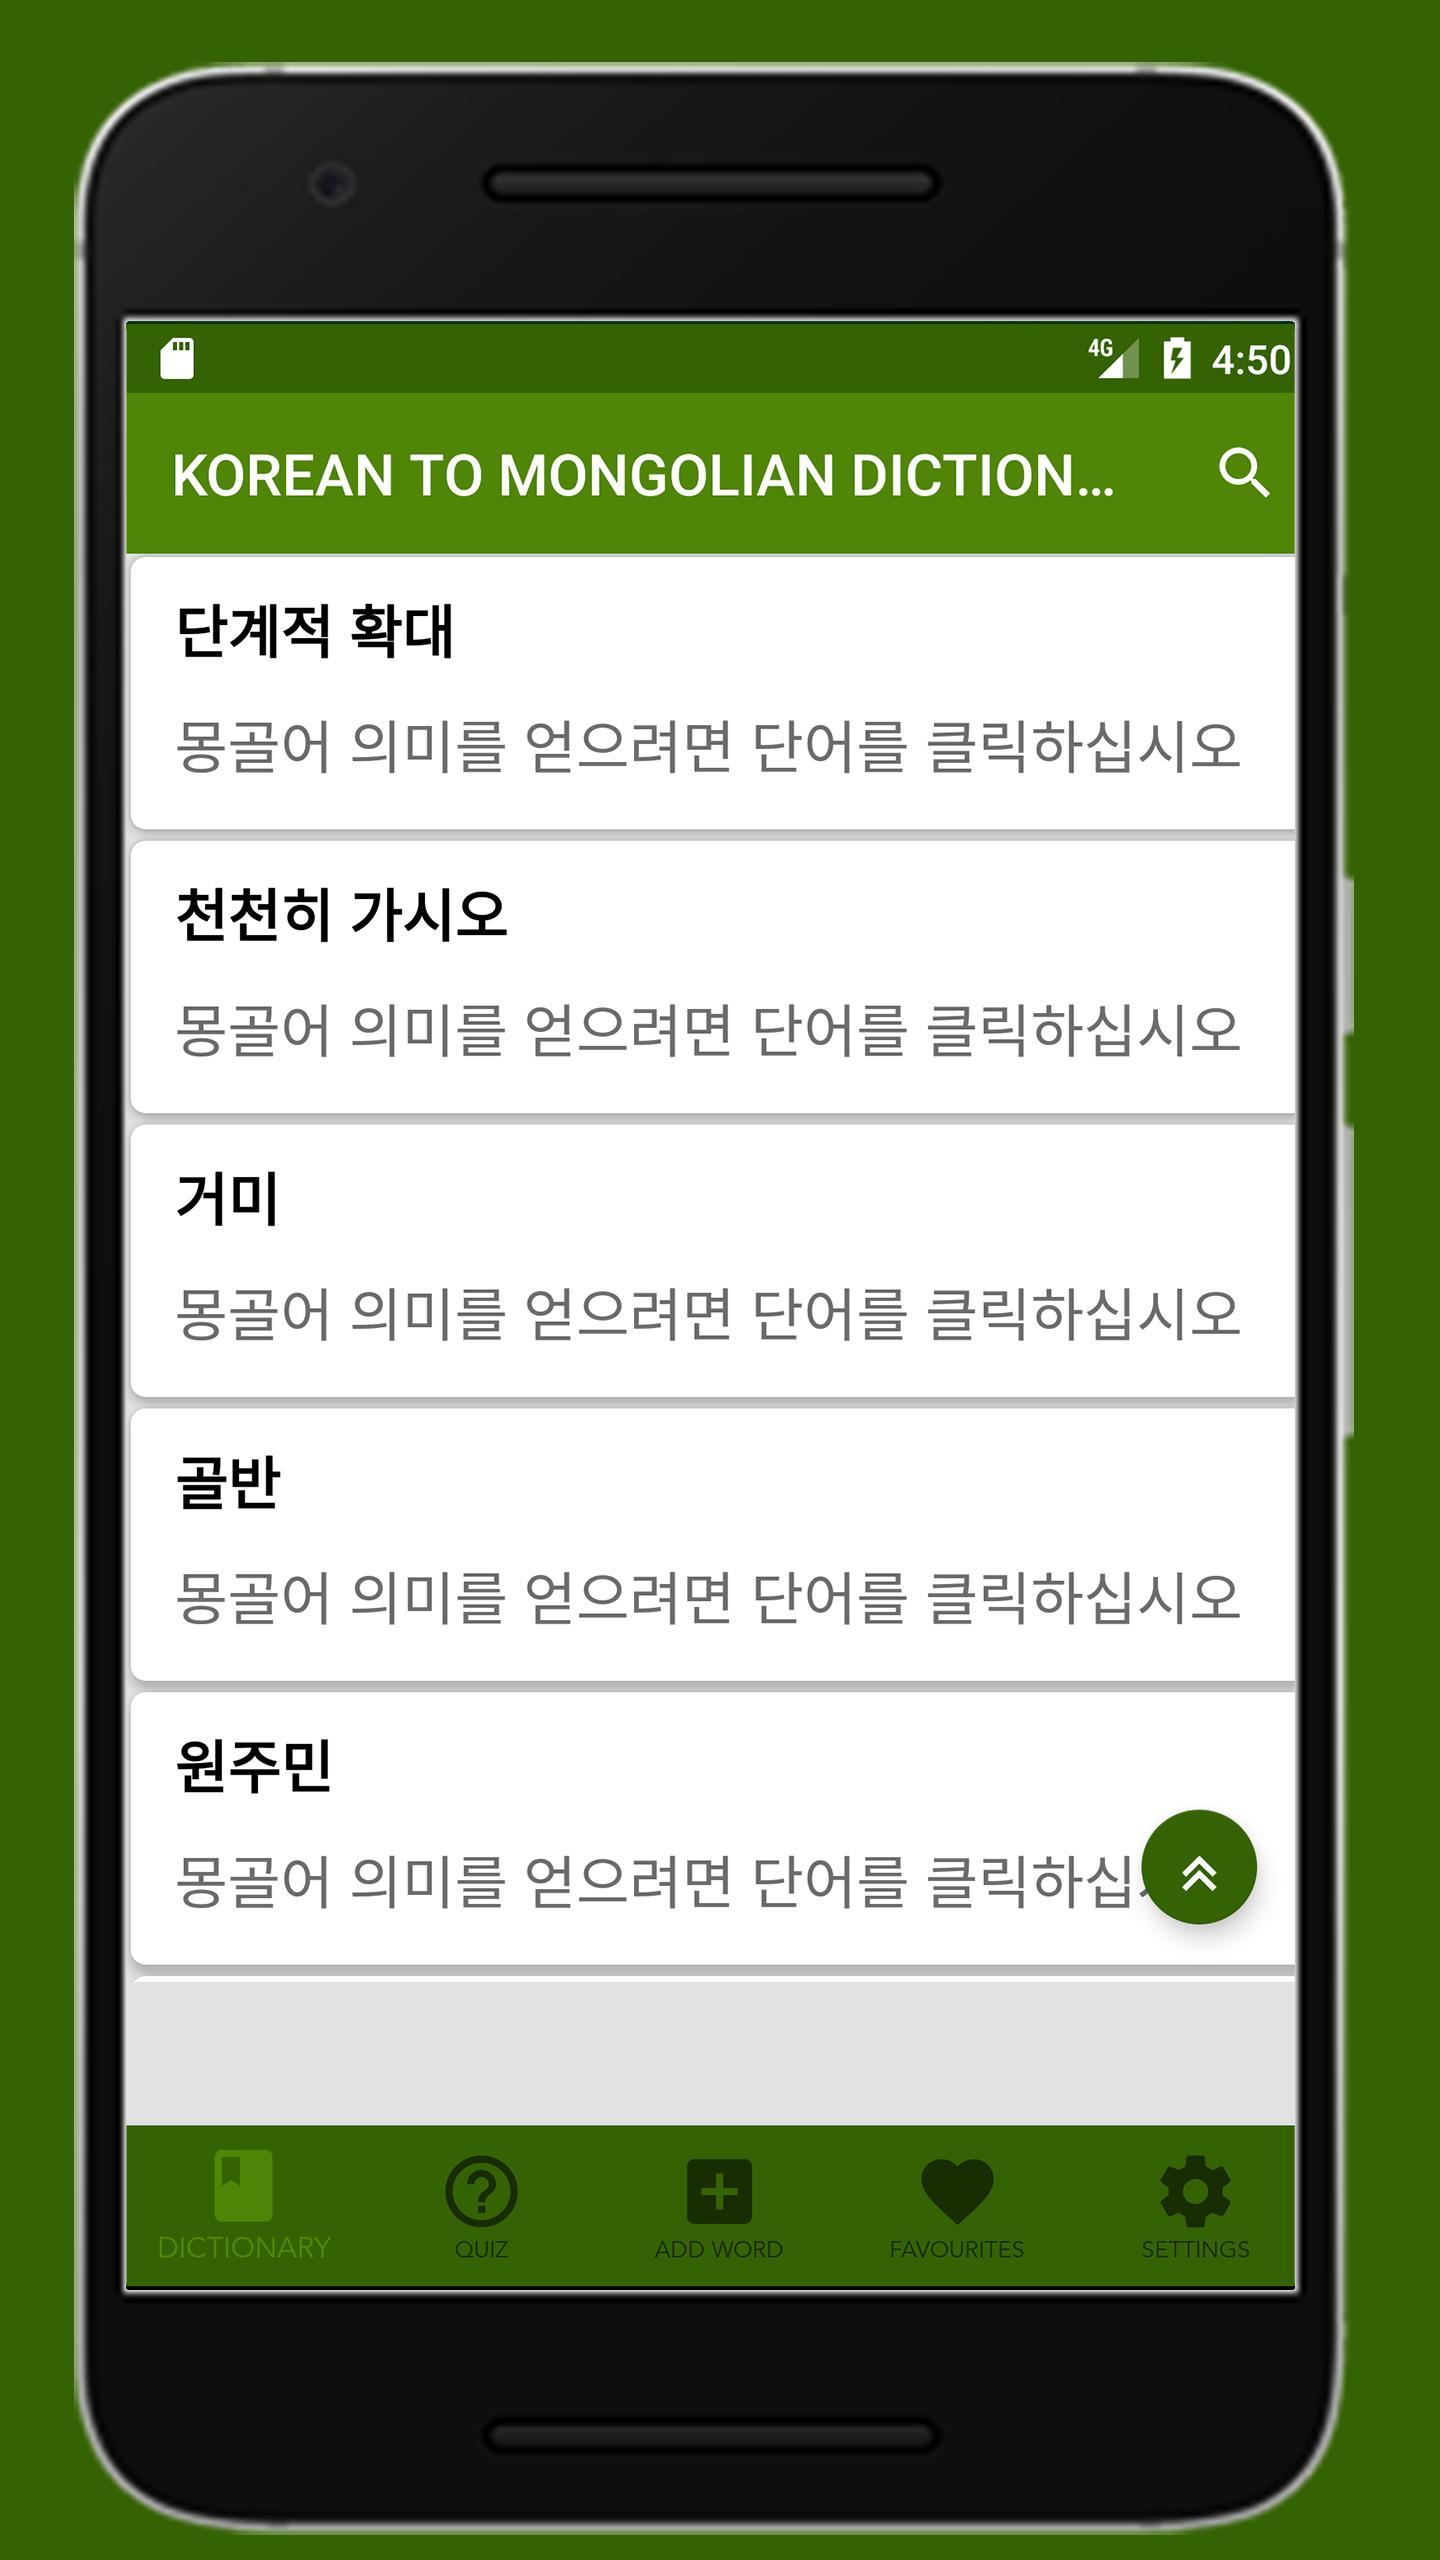 한국어 몽골어 번역 For Android Apk Download